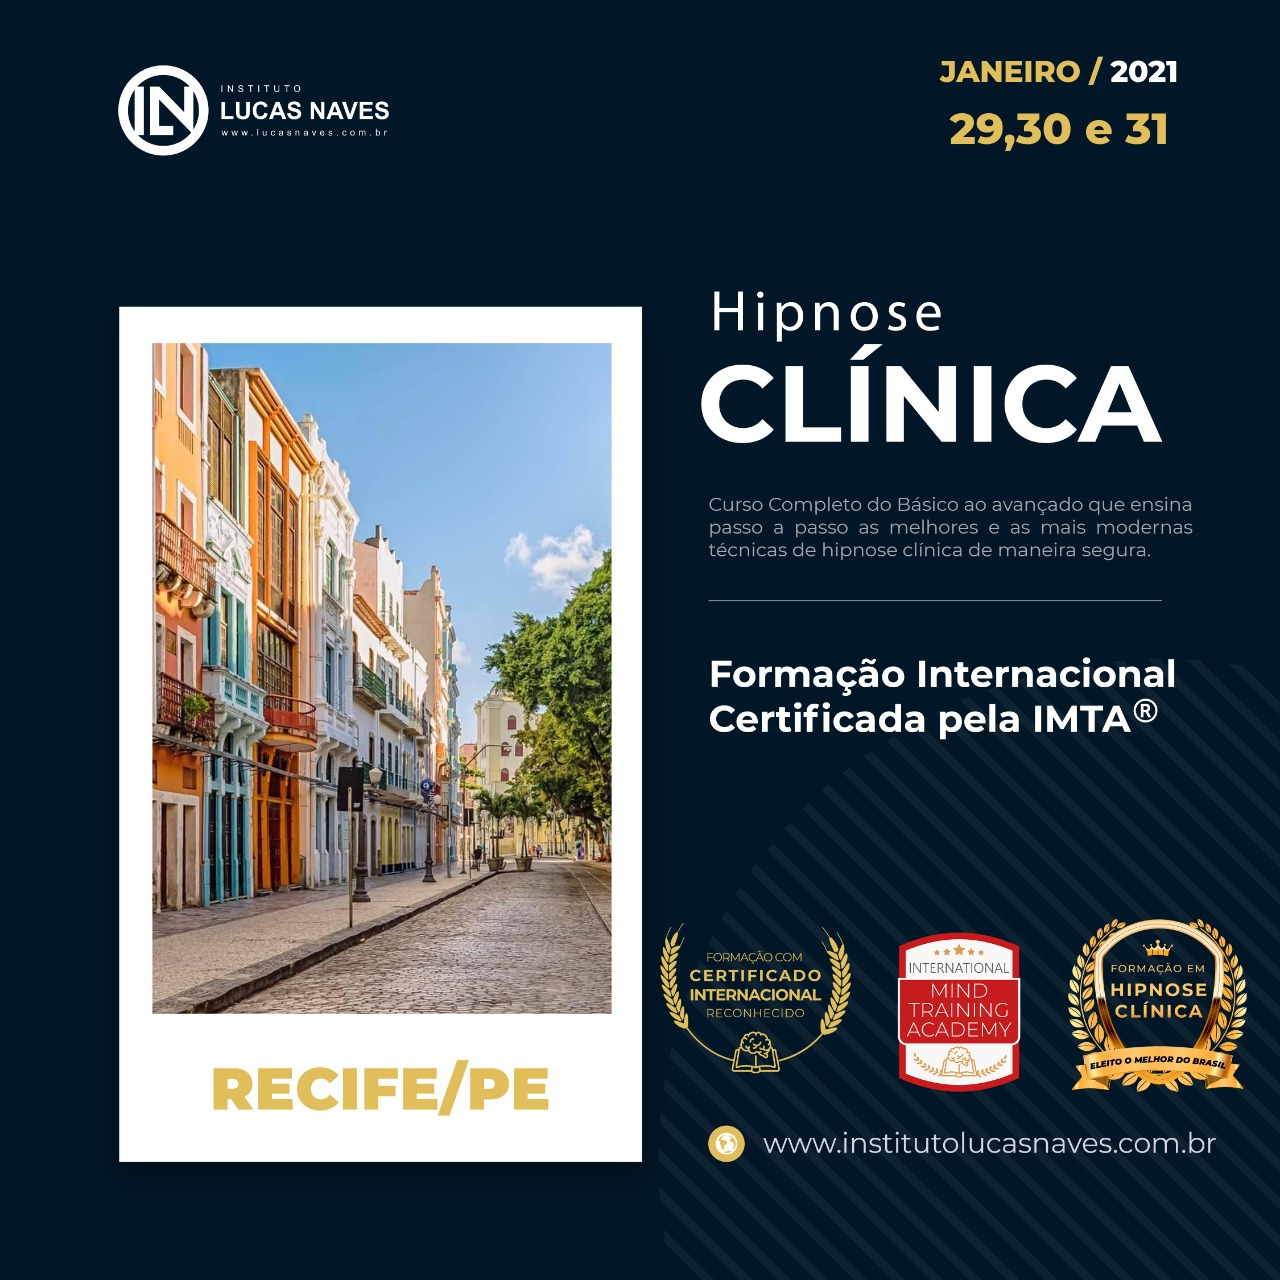 Formação Internacional em Hipnose Clínica / Recife